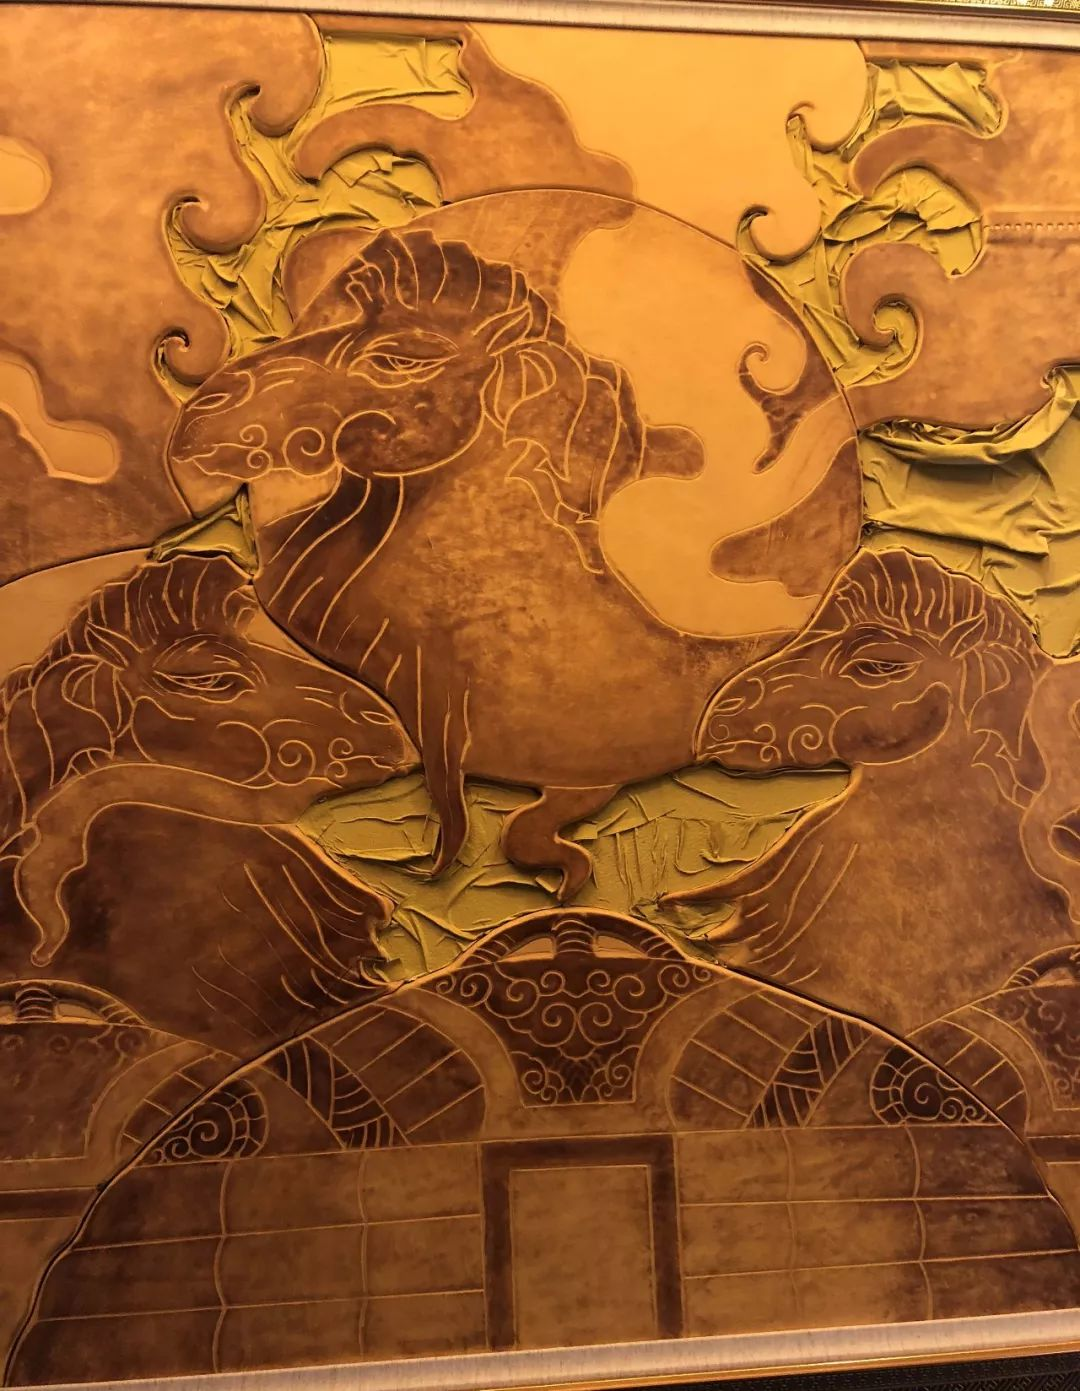 【蒙古文】阿拉善80后雕刻达人:薄牛皮上雕出3D立体画,啧啧令人称奇 第25张